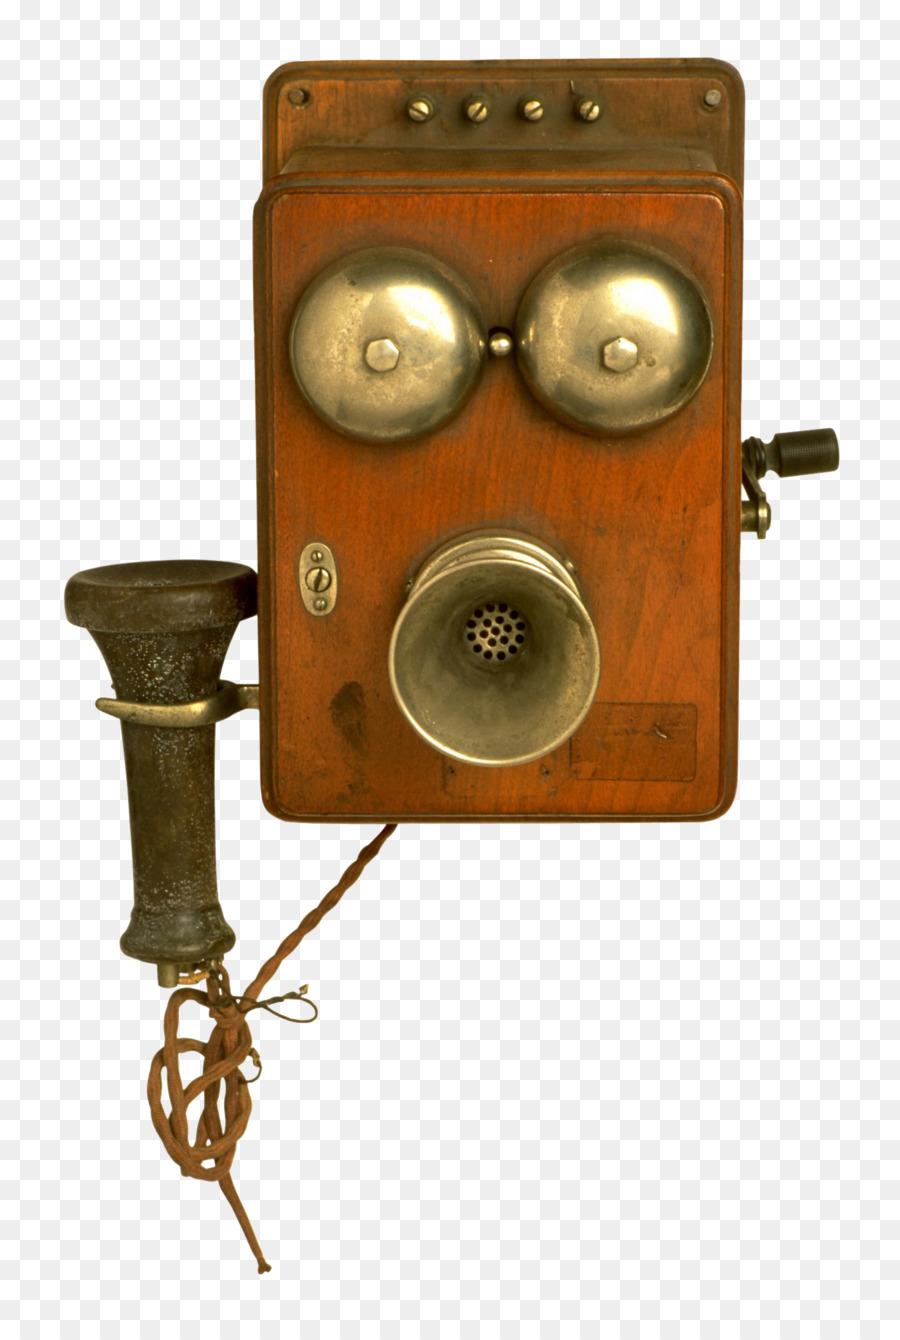 Telephone Telephony Smartphone Vintage Retro